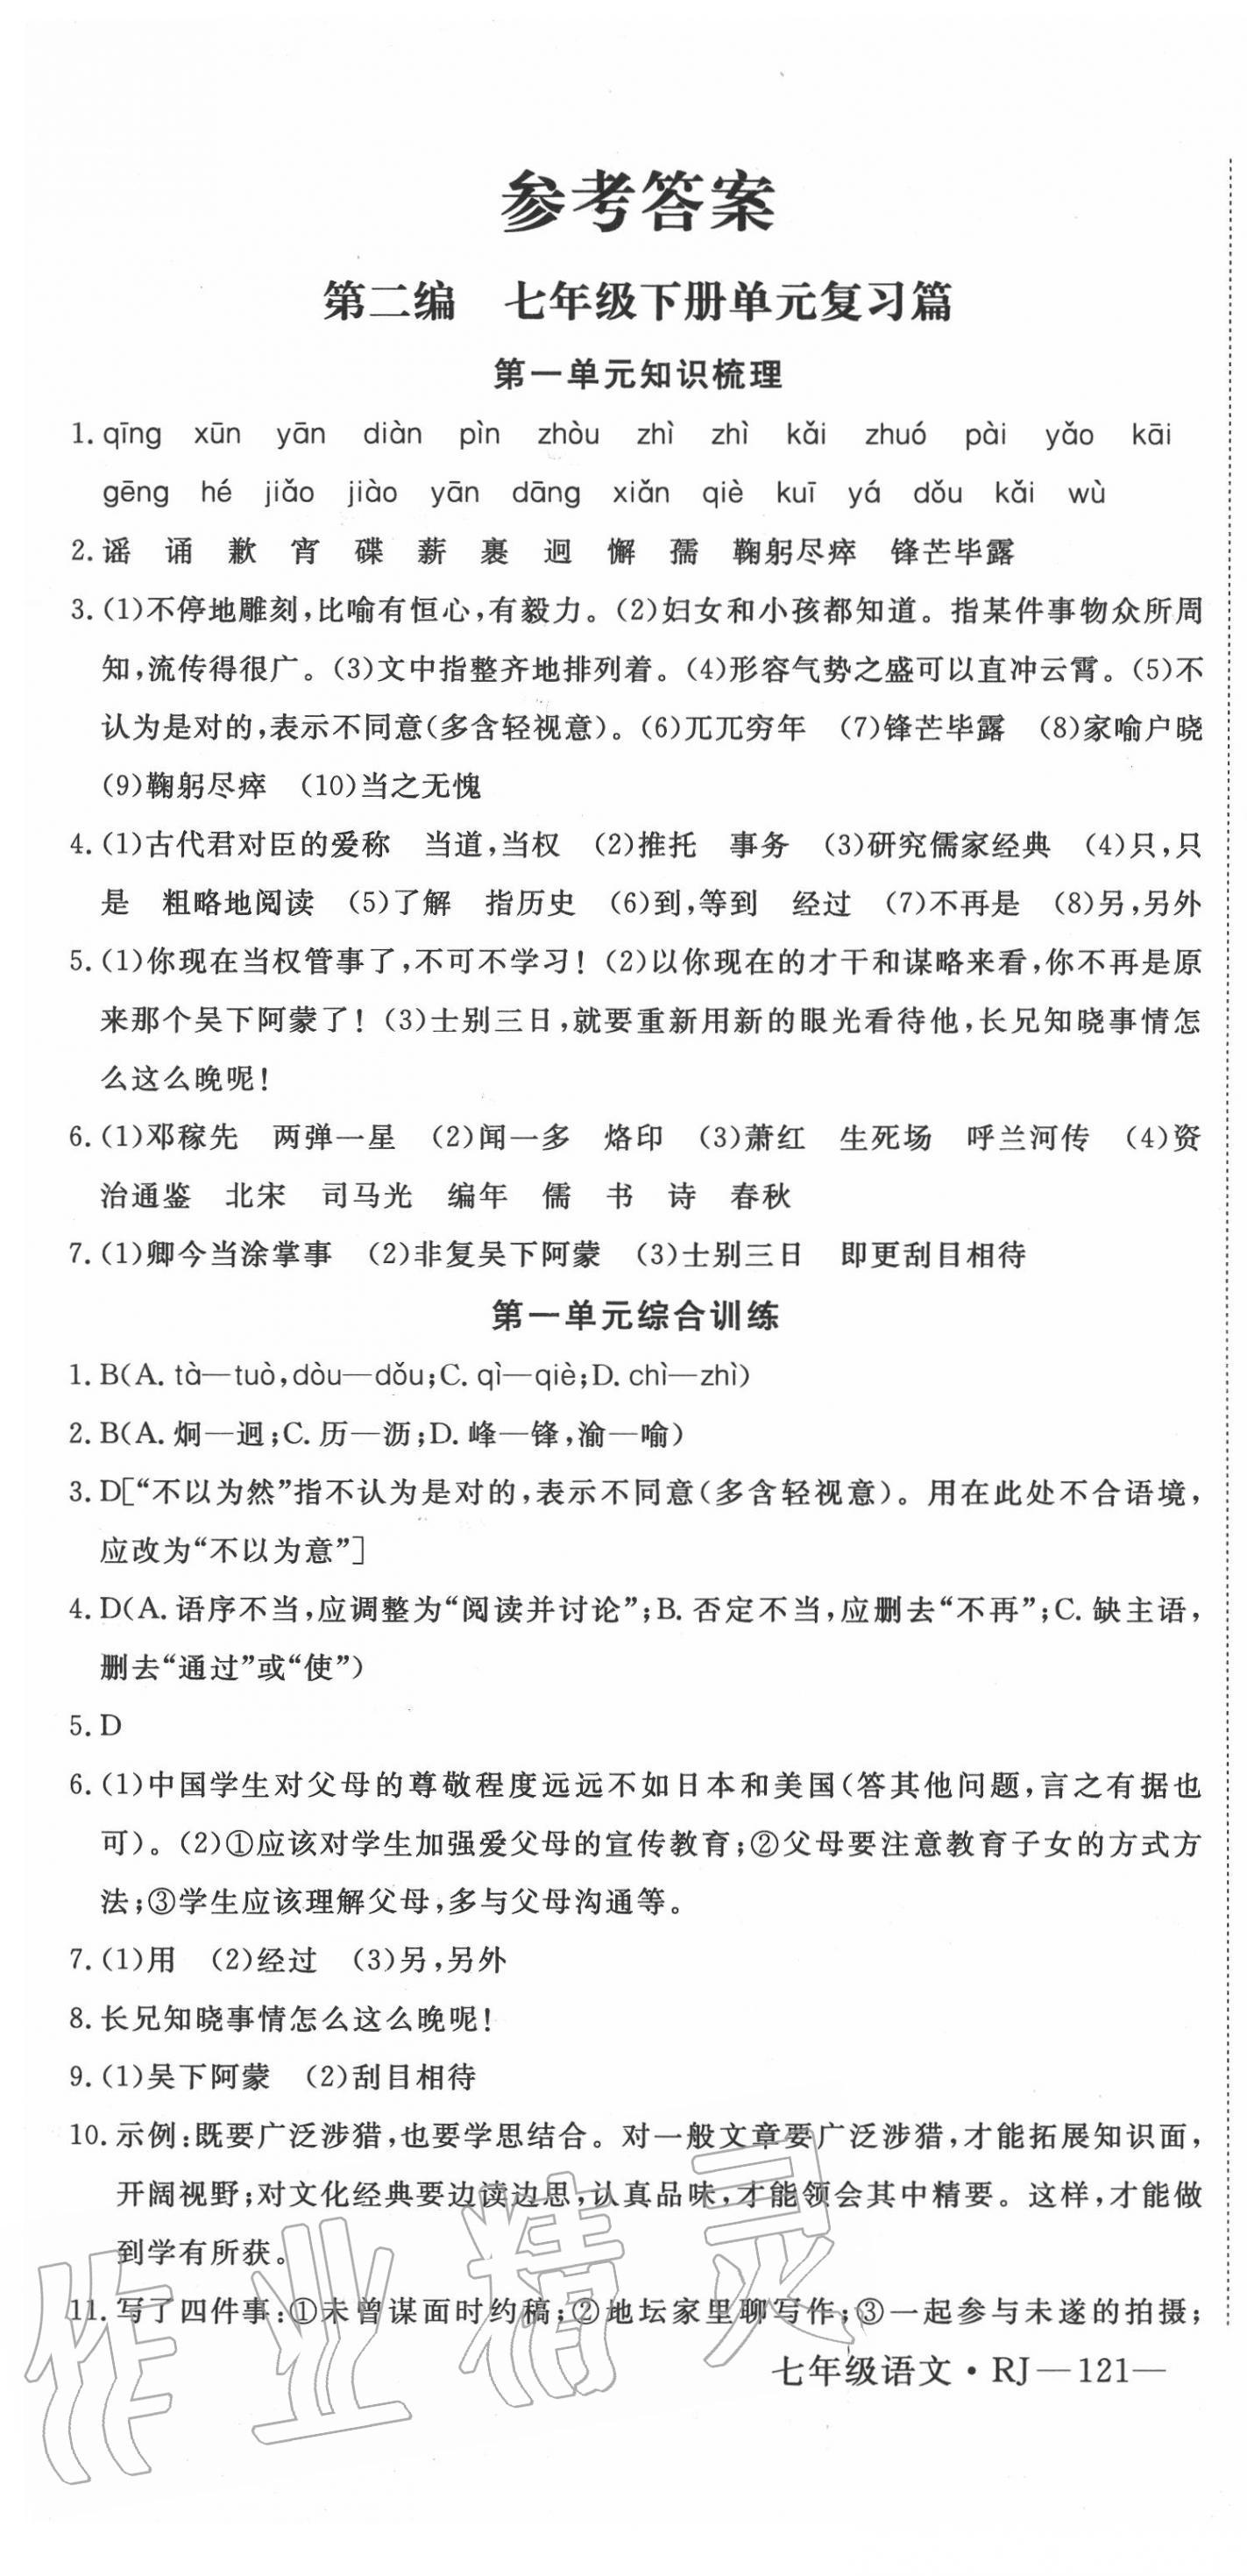 2020年時習之期末七年級語文人教版延邊大學出版社第1頁